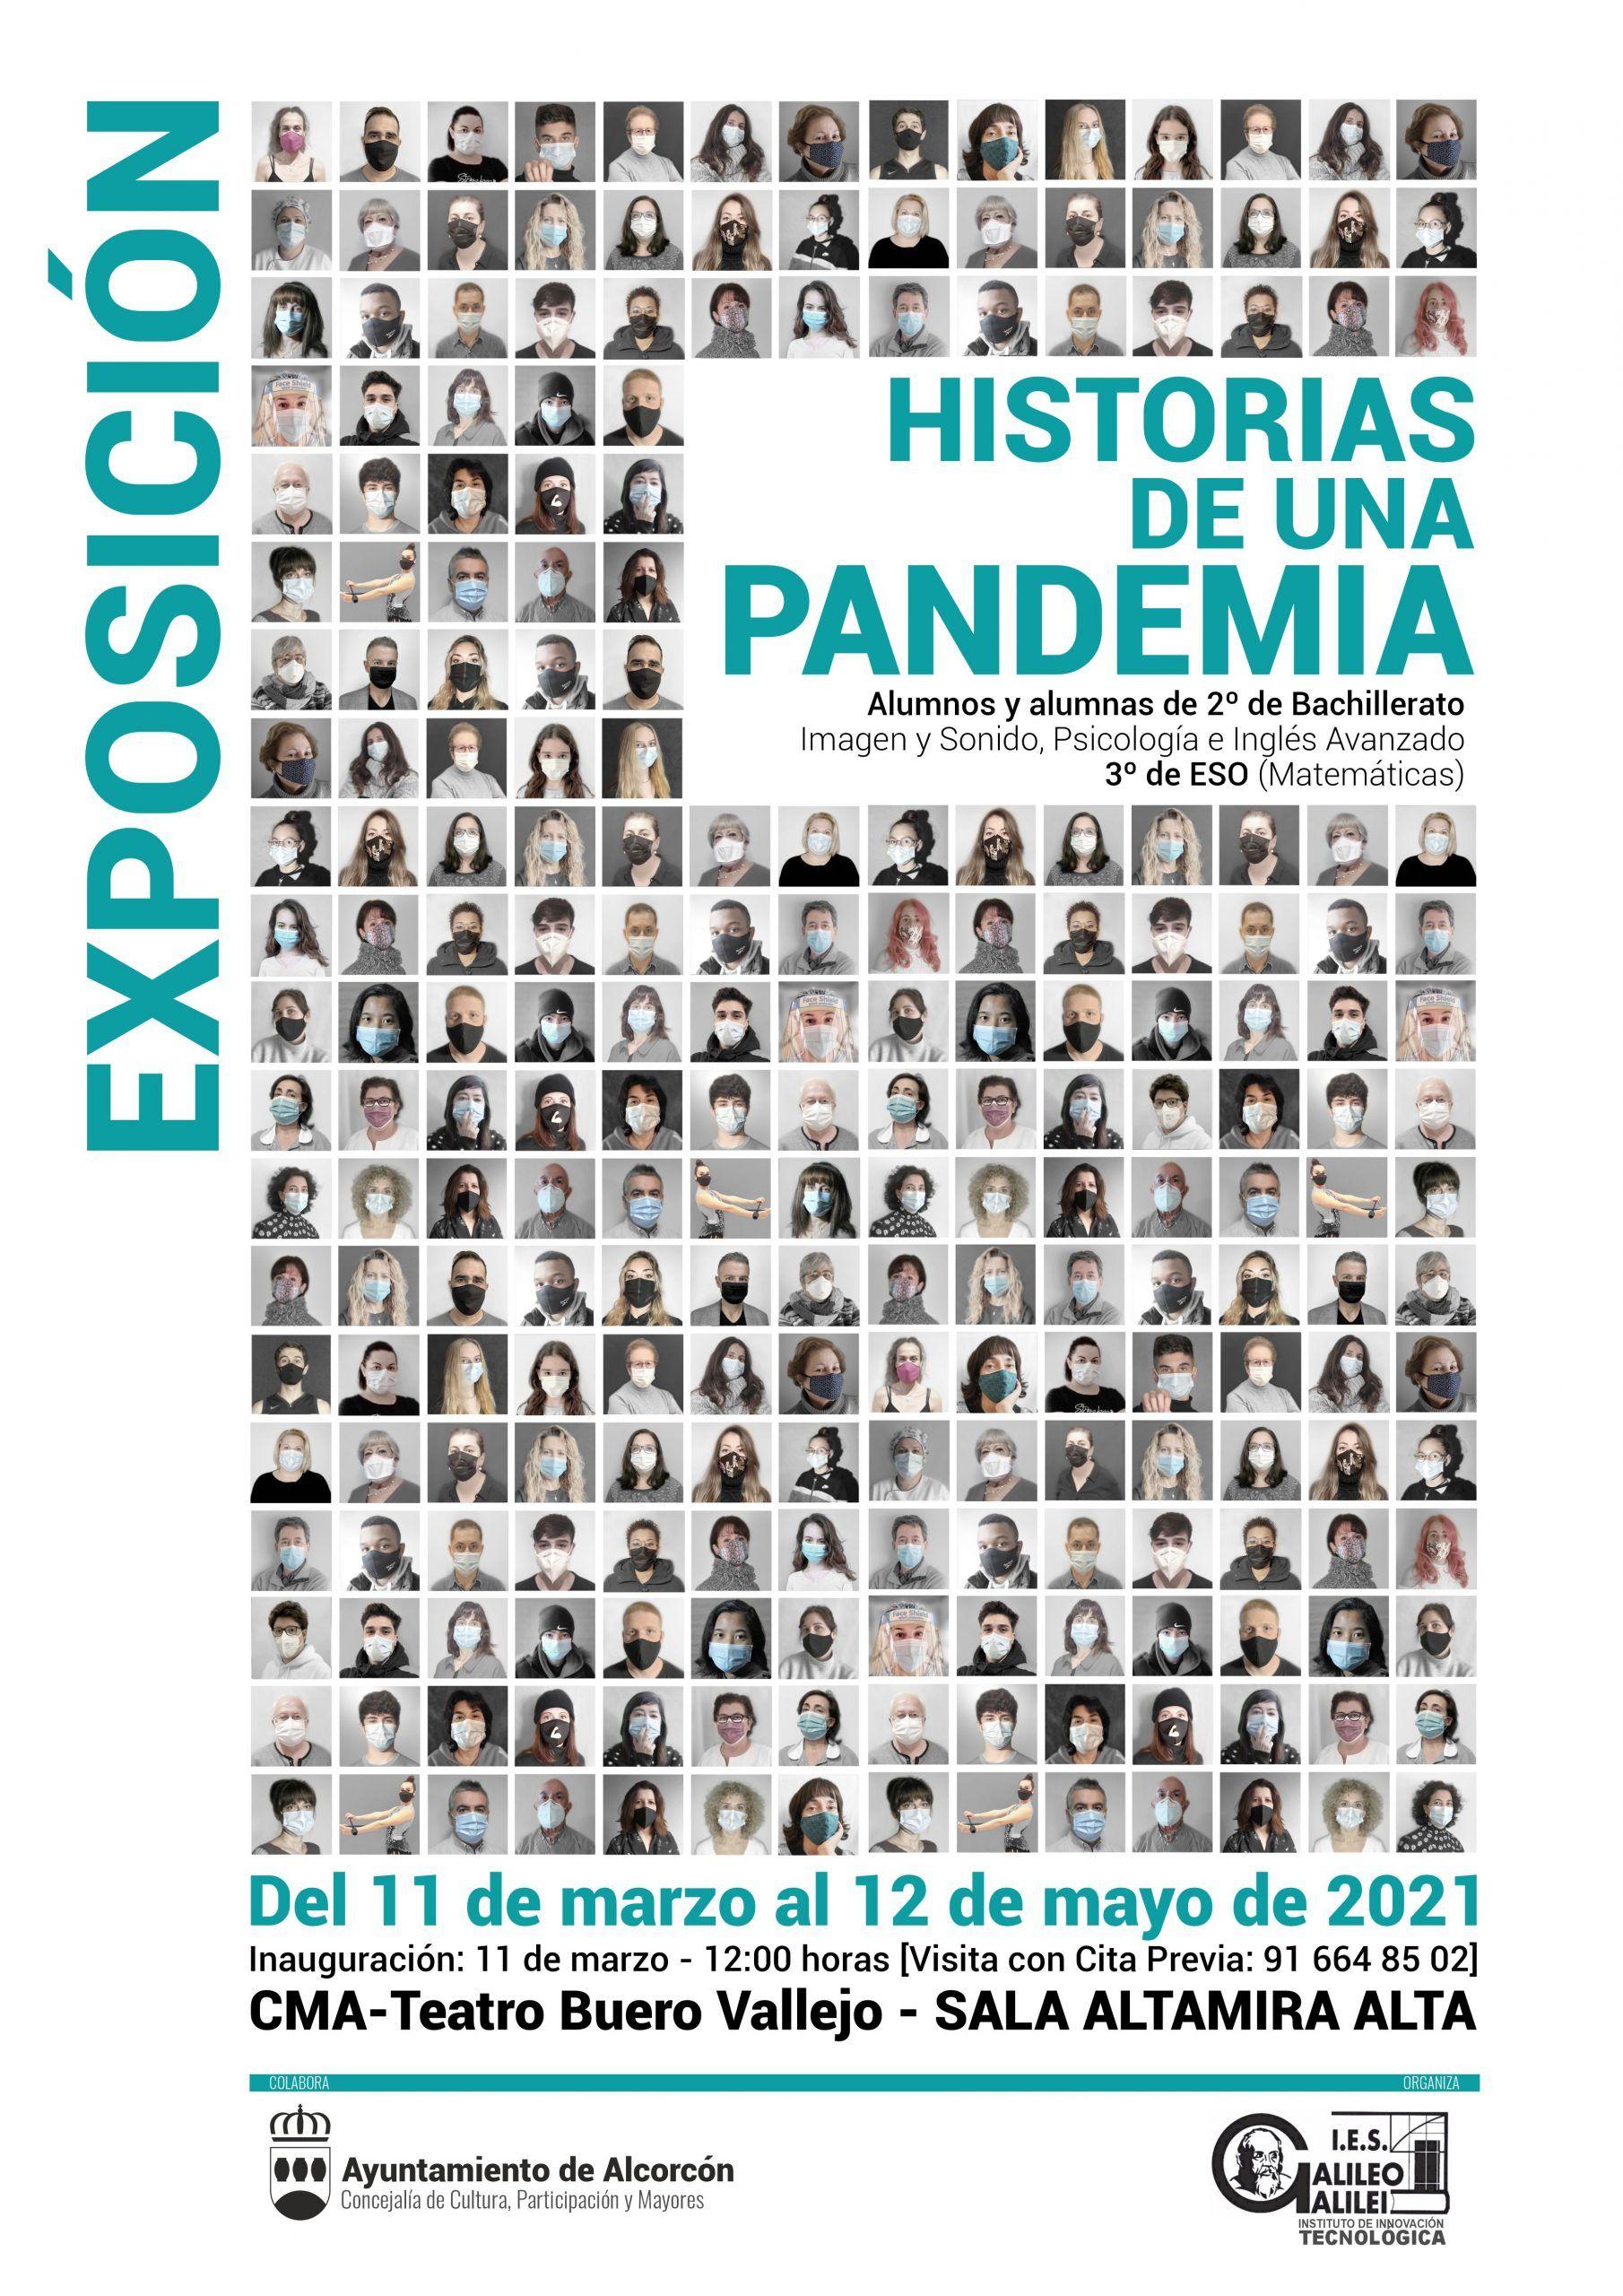 'Historias de una pandemia' en Alcorcón